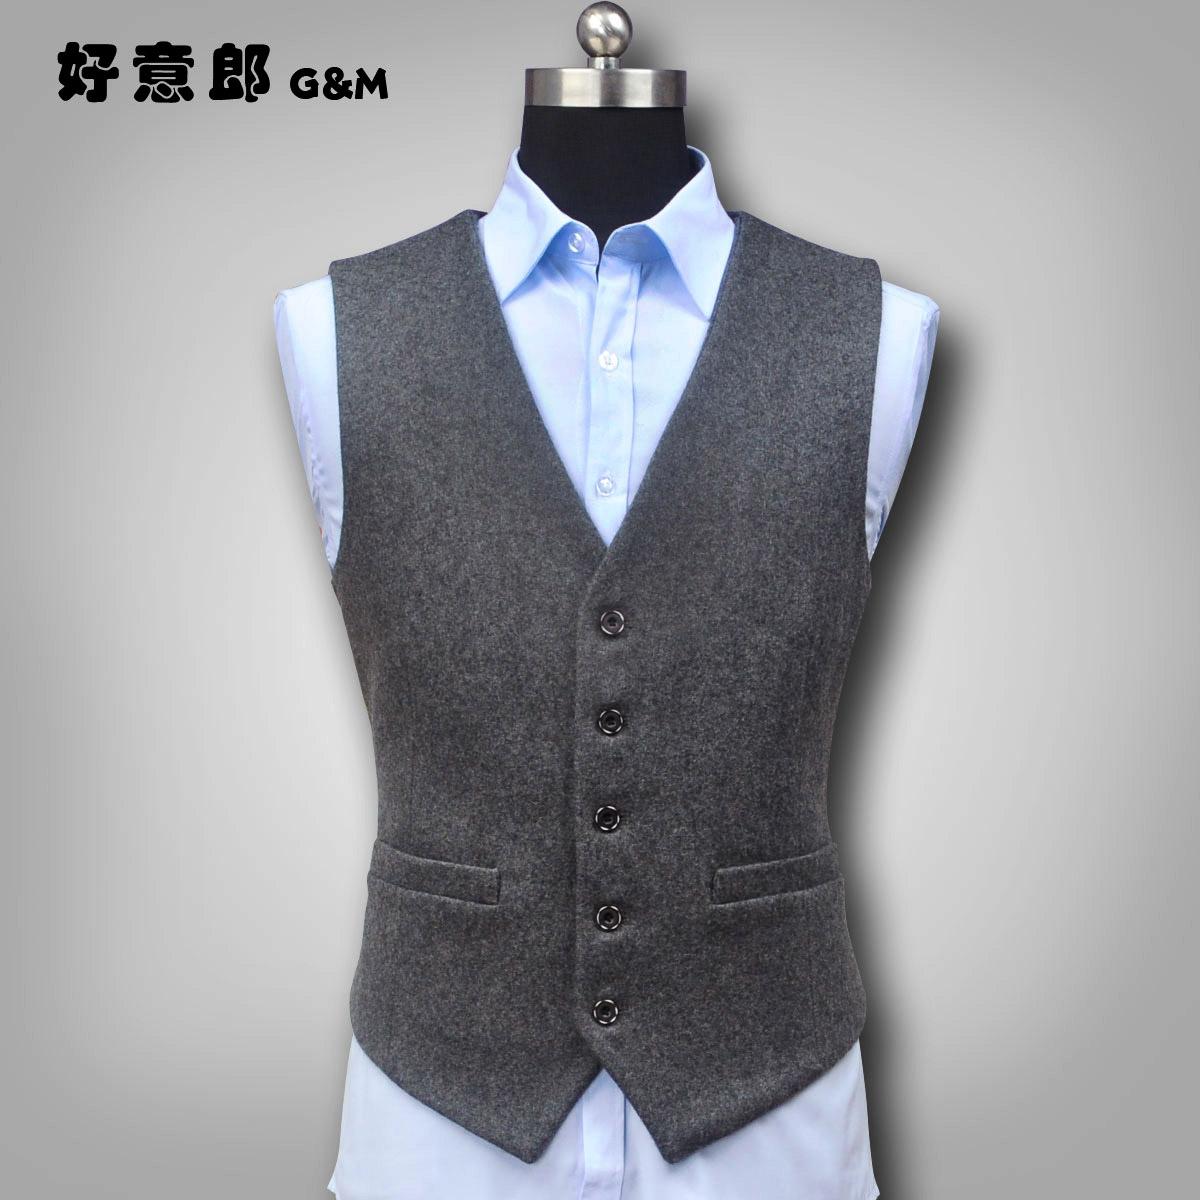 好意郎冬季新款羊毛呢马甲男英伦西装马甲背心商务羊绒西服坎肩男